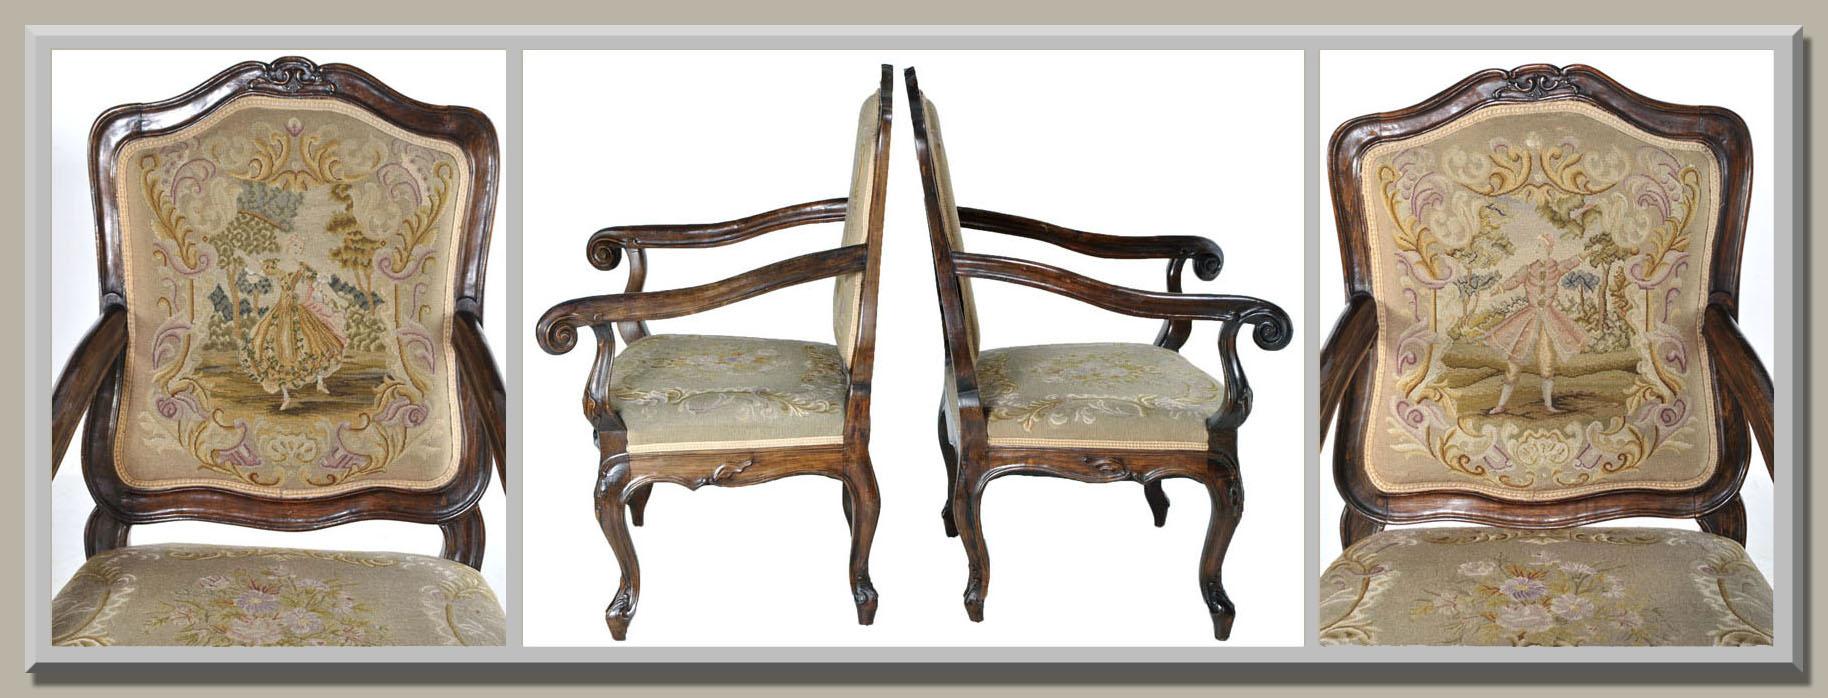 Antique Armchair Details